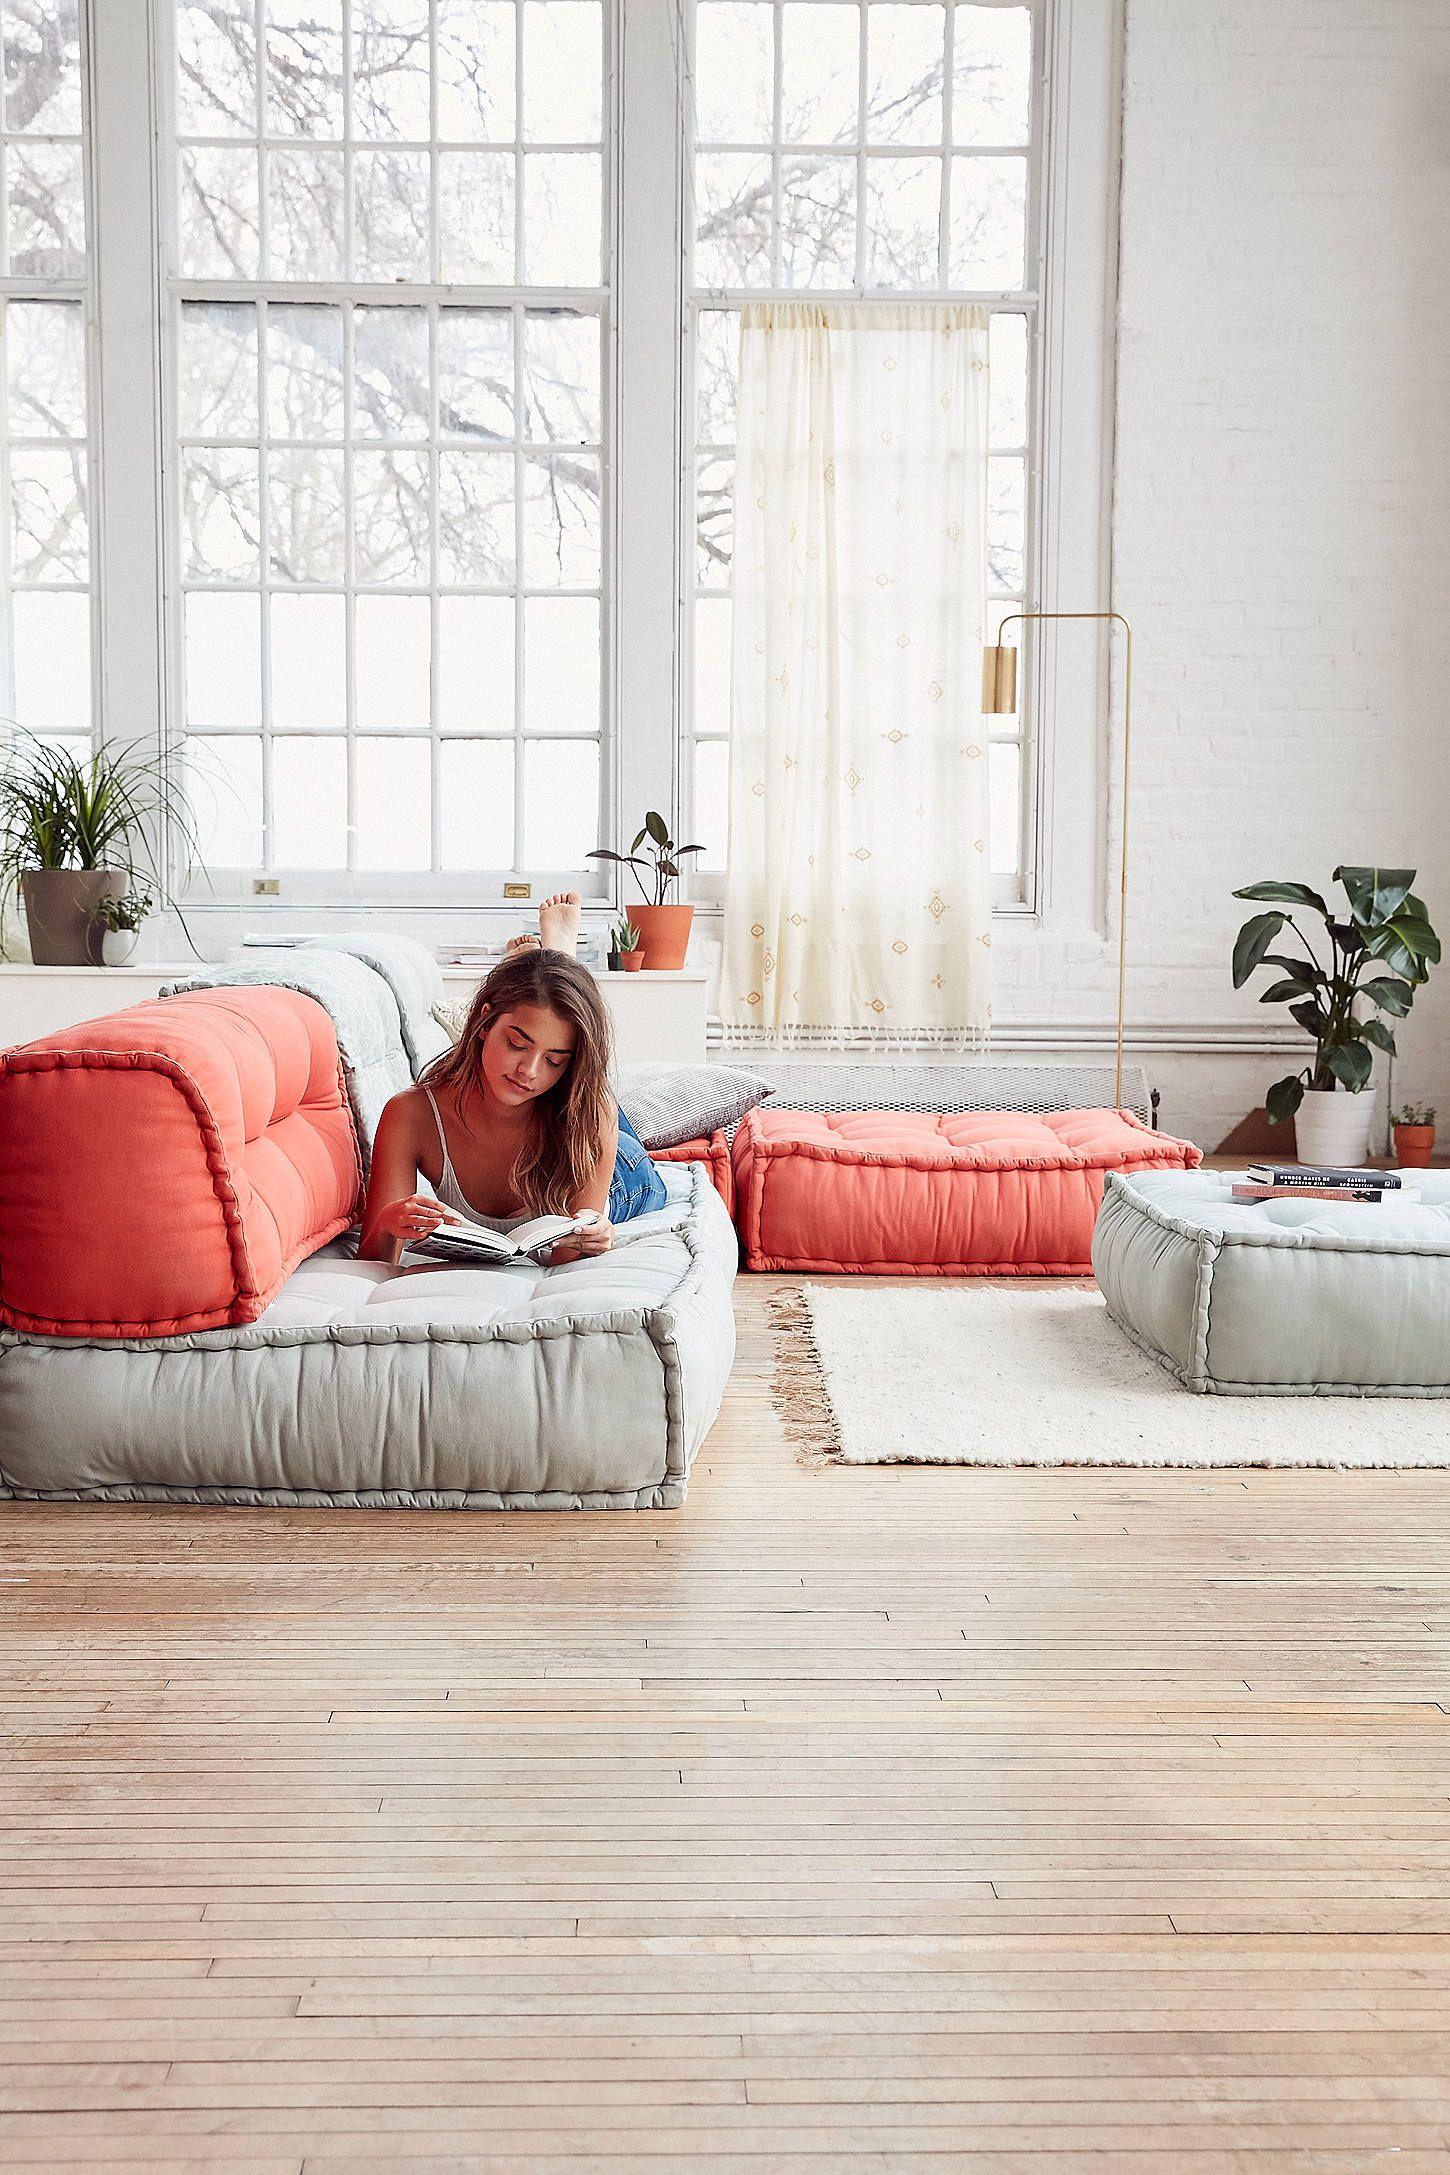 Reema Floor Cushion Floor Seating Reema Floor Cushion Floor